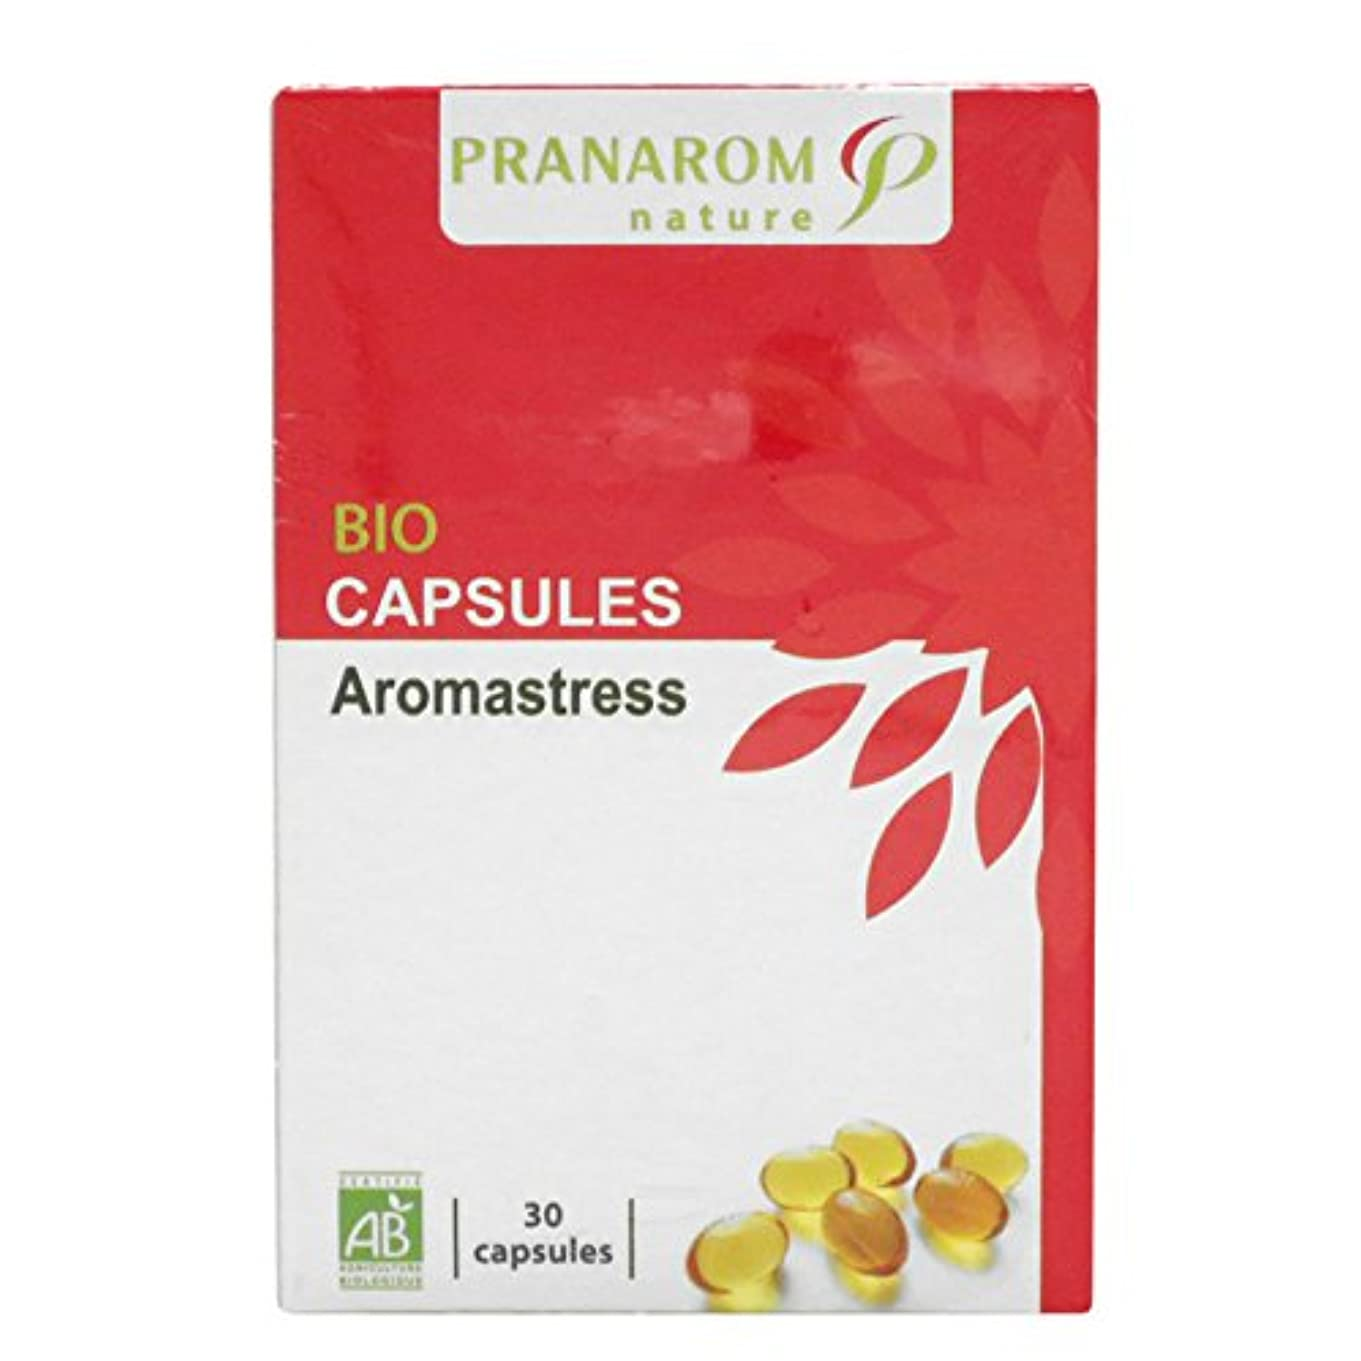 レンジ機関愛するプラナロム アロマストレスカプセル 30粒 (PRANAROM サプリメント)